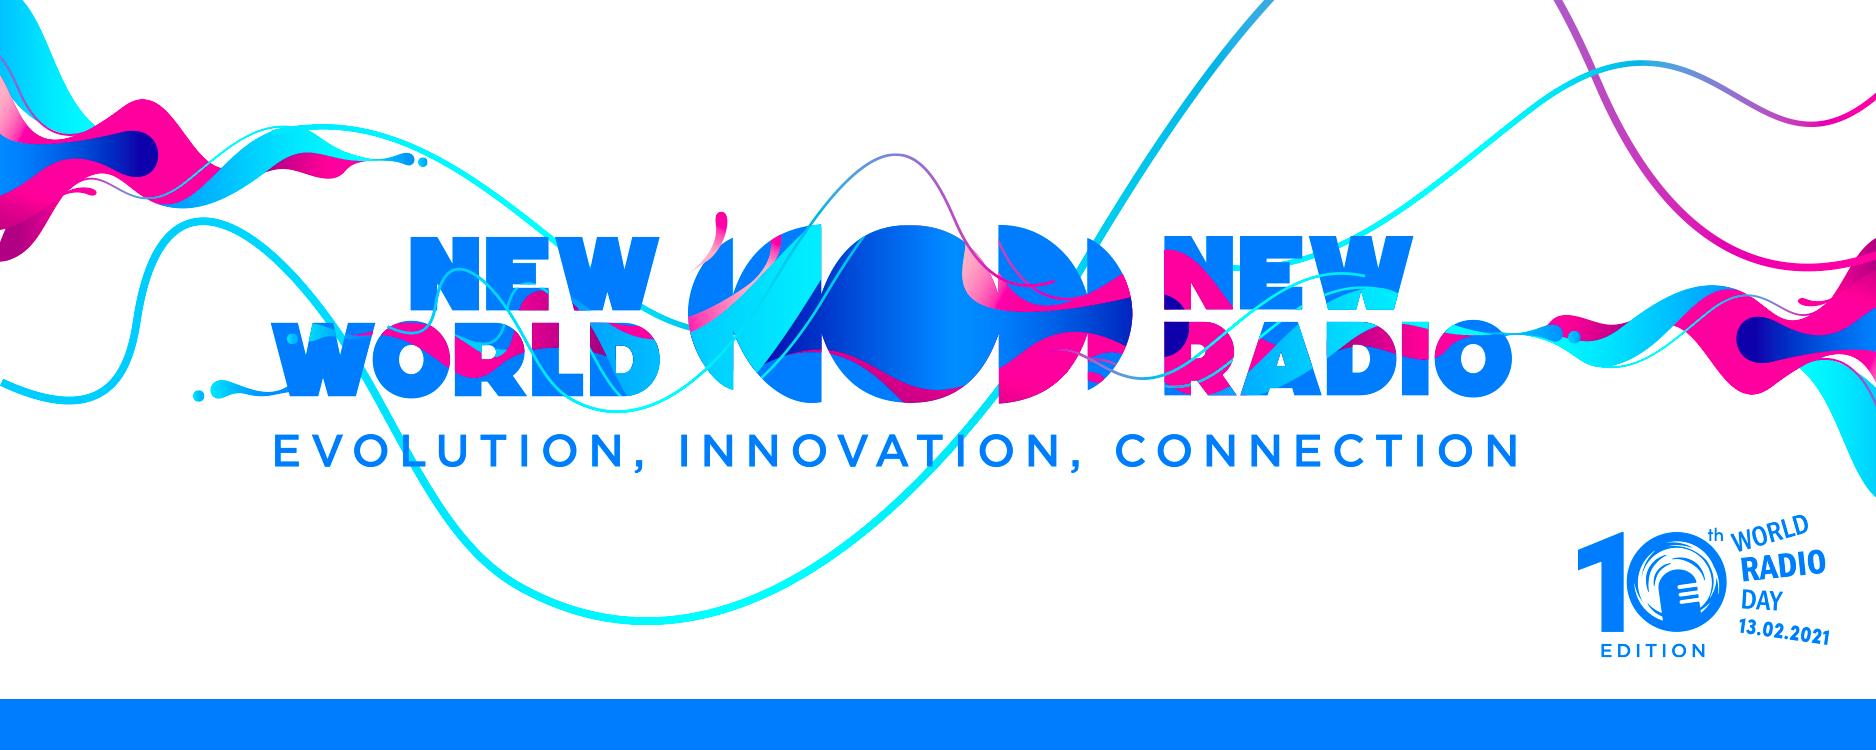 Всемирный День Радио 2021 / World Radio Day 2021